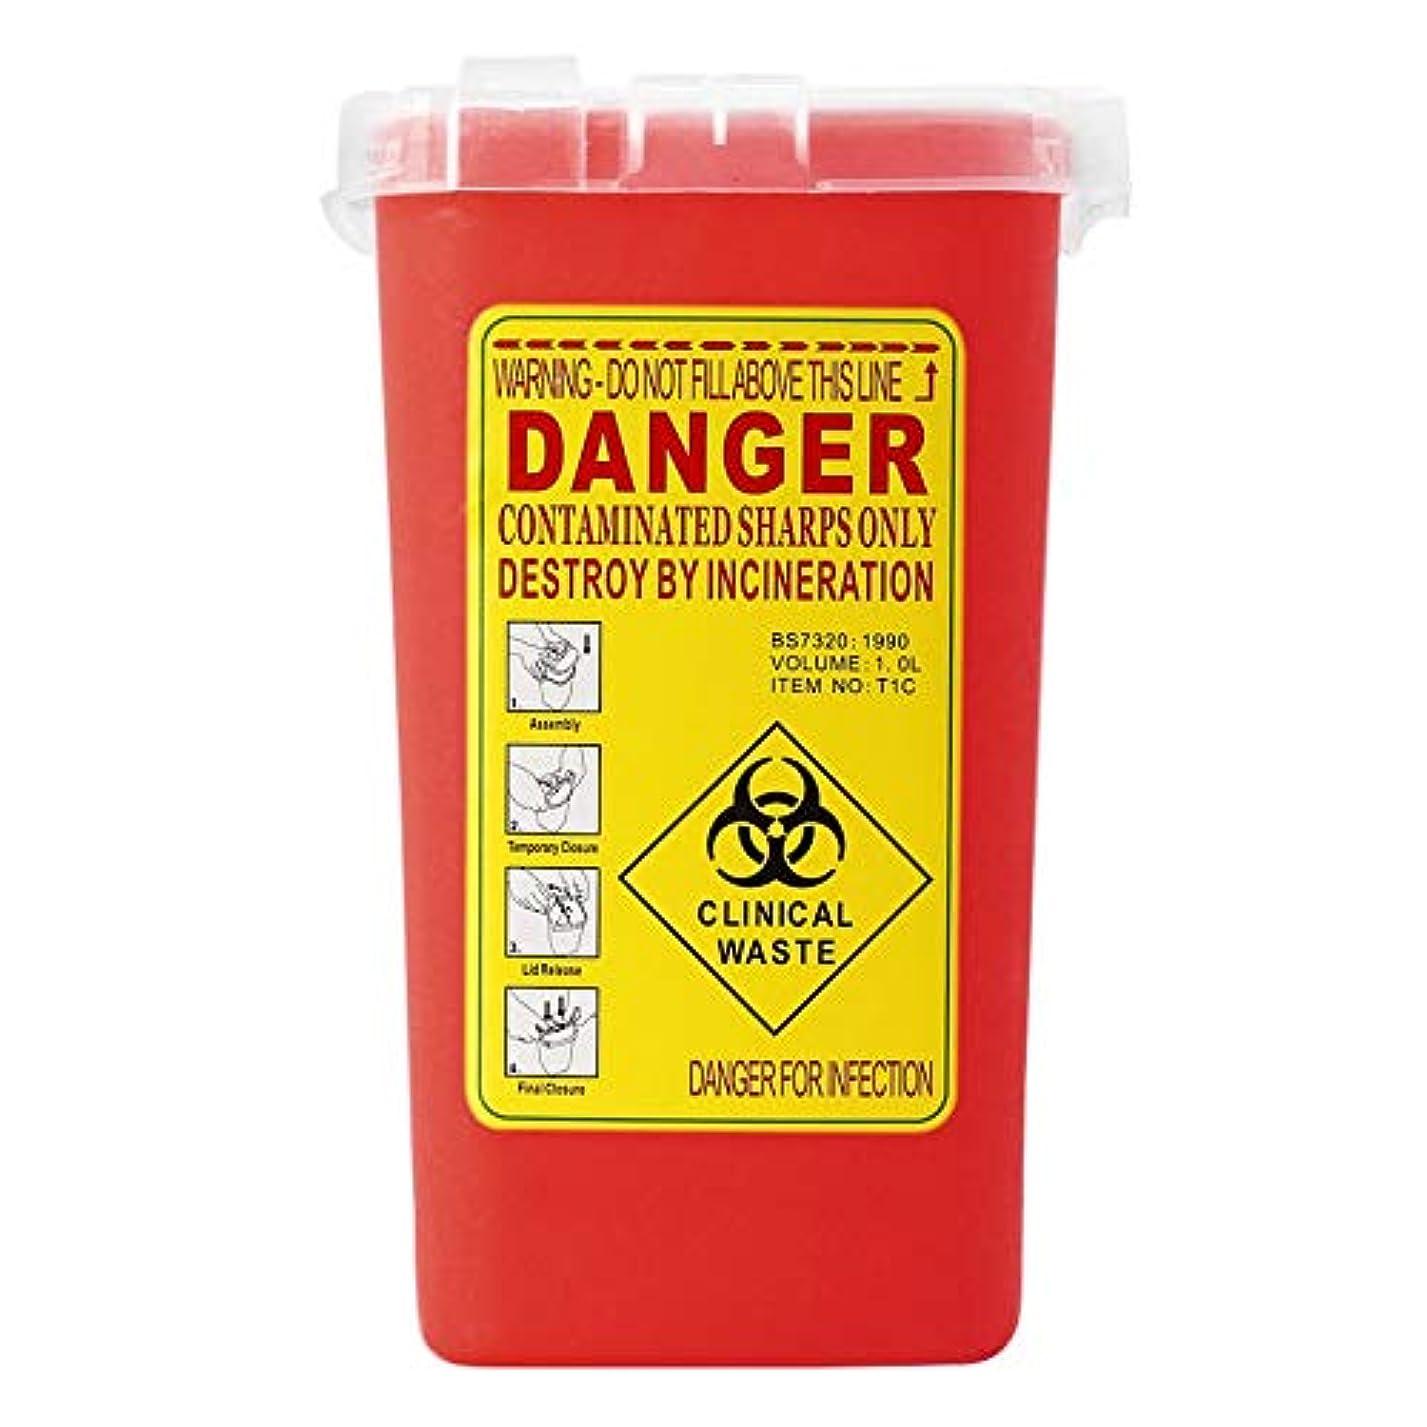 出血焼くバンクタトゥー医療プラスチックシャープコンテナバイオハザードニードル処分1Lサイズゴミ箱用感染廃棄物ボックス収納 - 赤